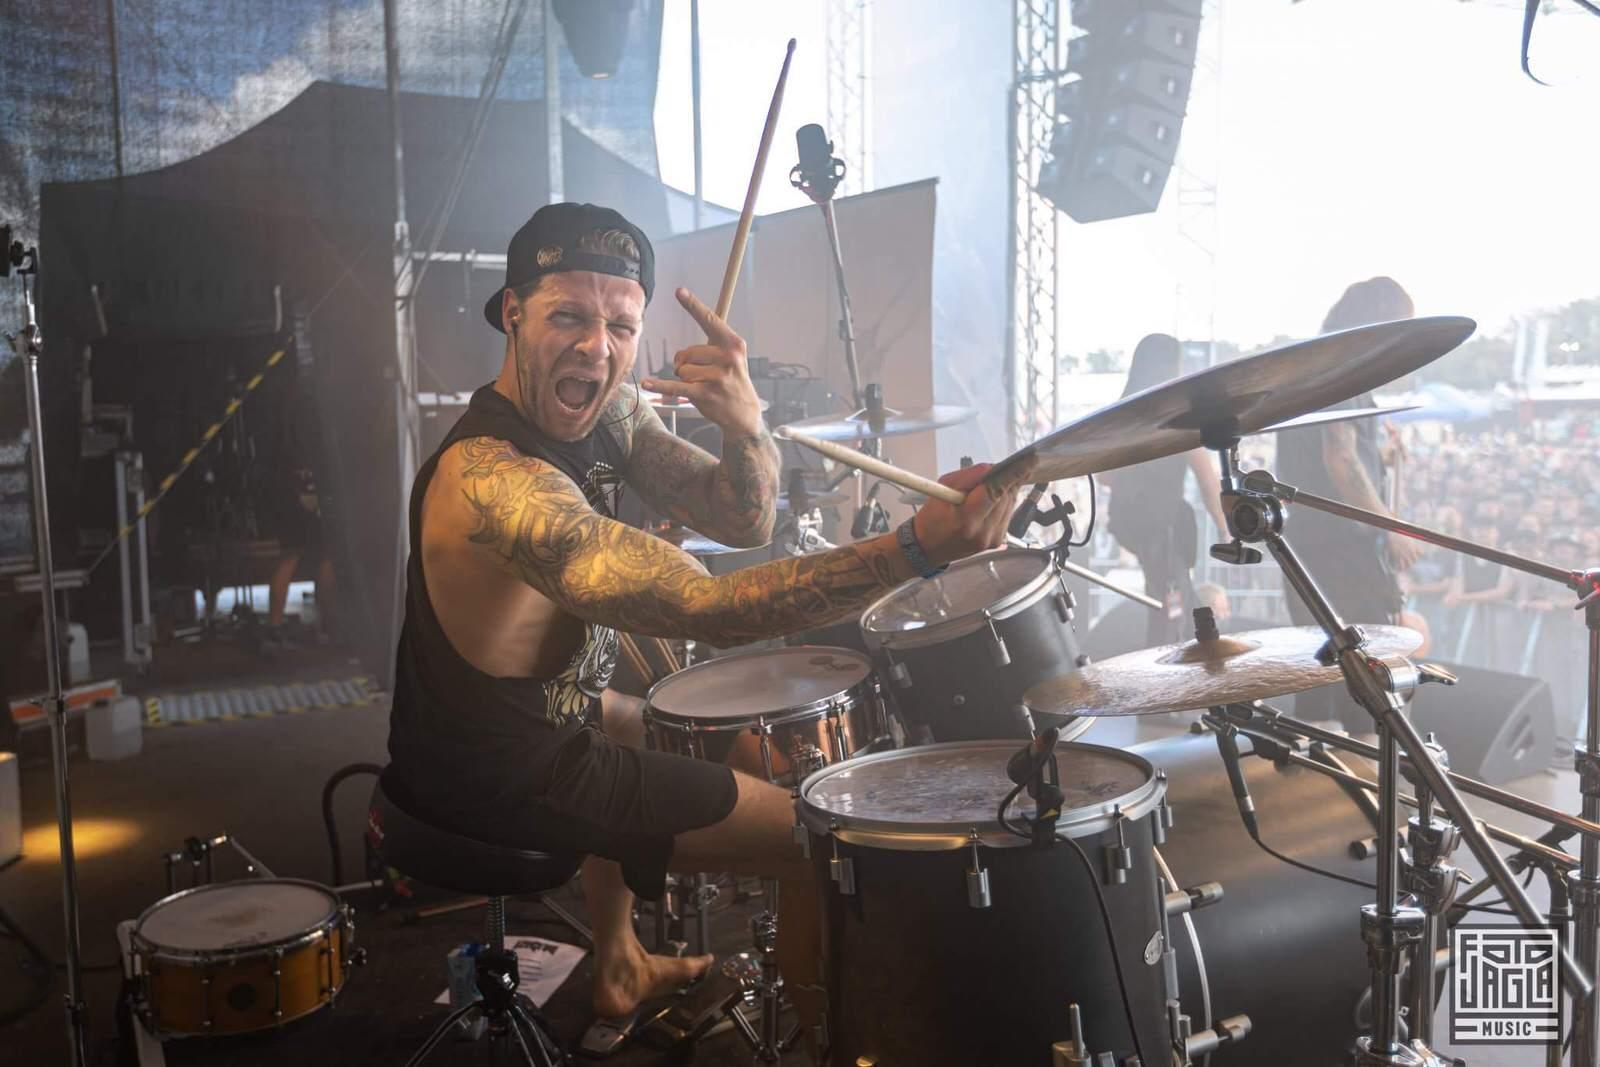 Konzertfotografie von der Bühne - Schlagzeuger fotografieren